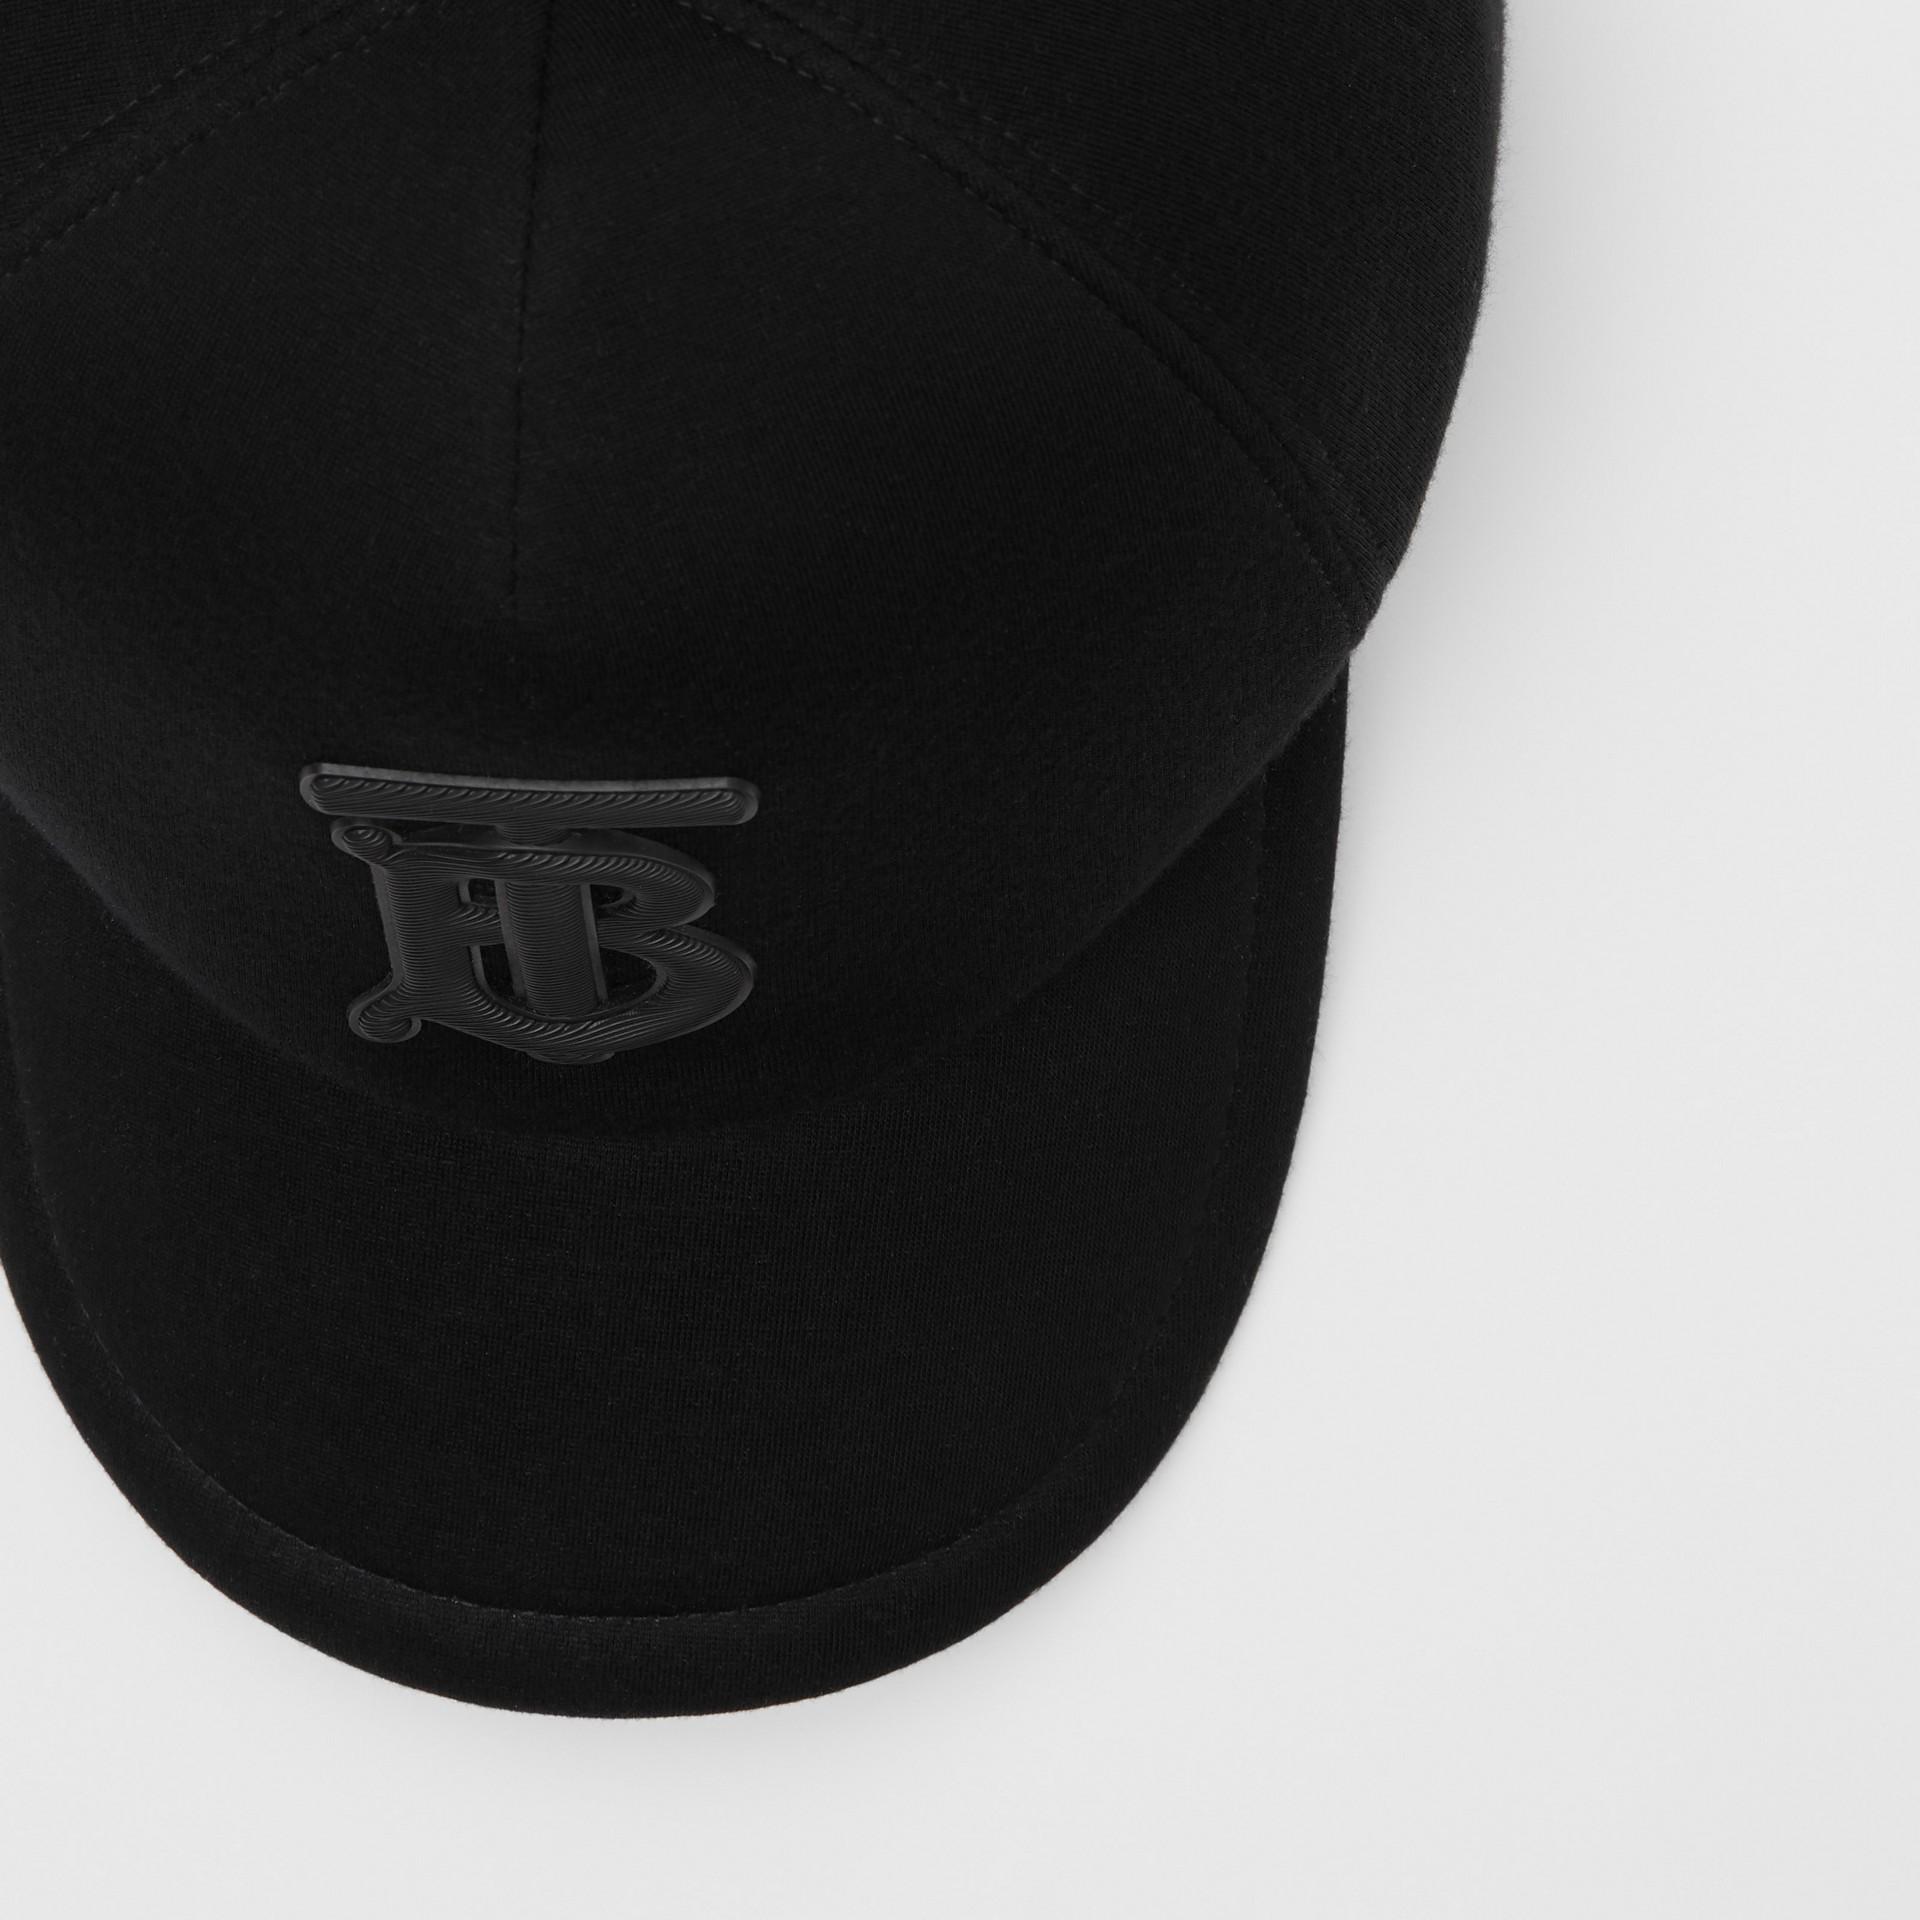 モノグラムモチーフ ネオプレン ベースボールキャップ (ブラック) | バーバリー - ギャラリーイメージ 1